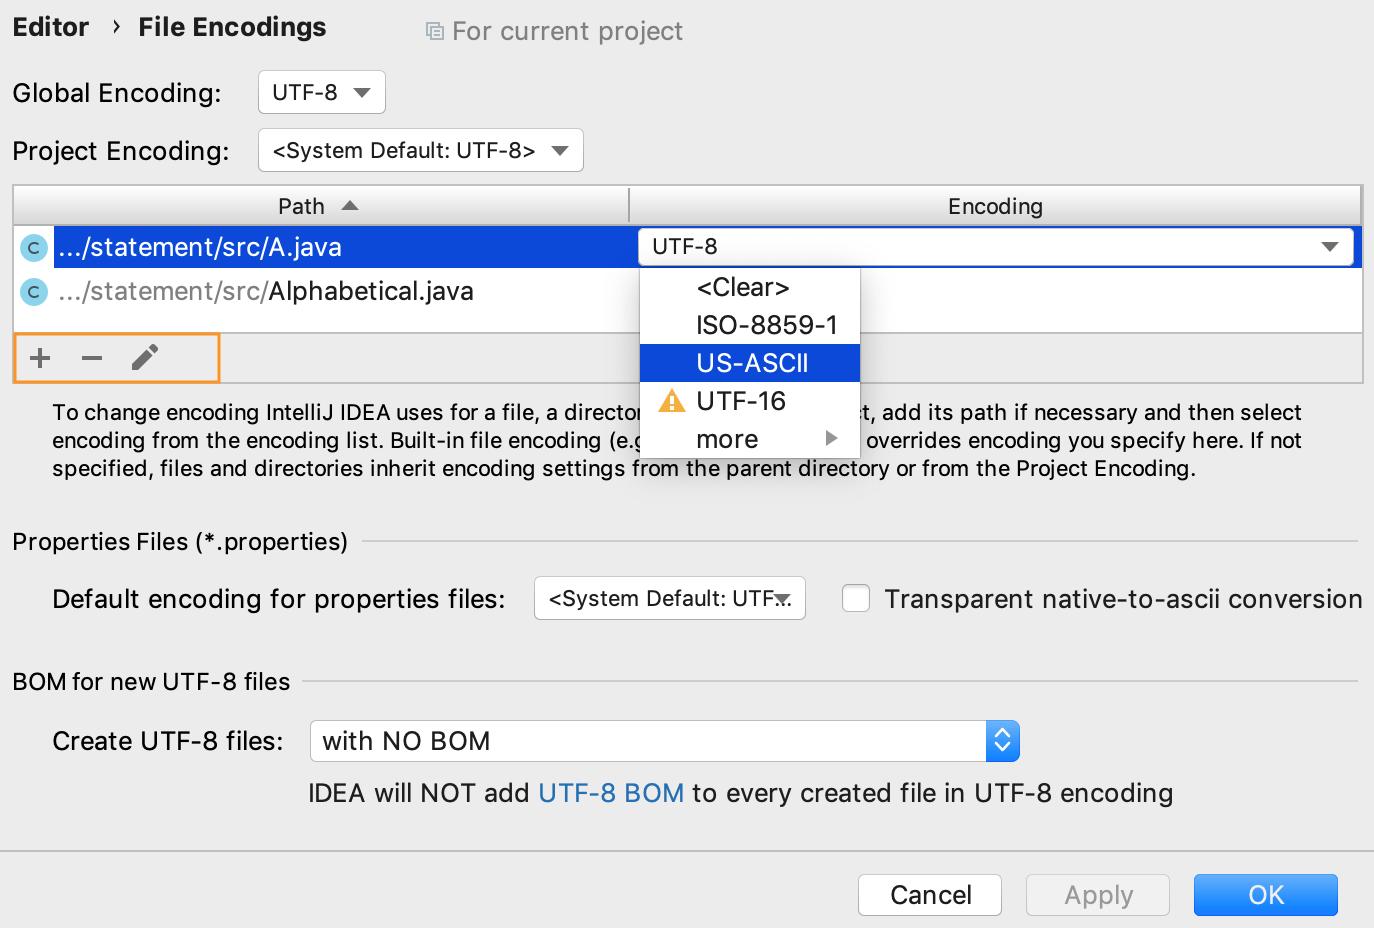 File Encodings